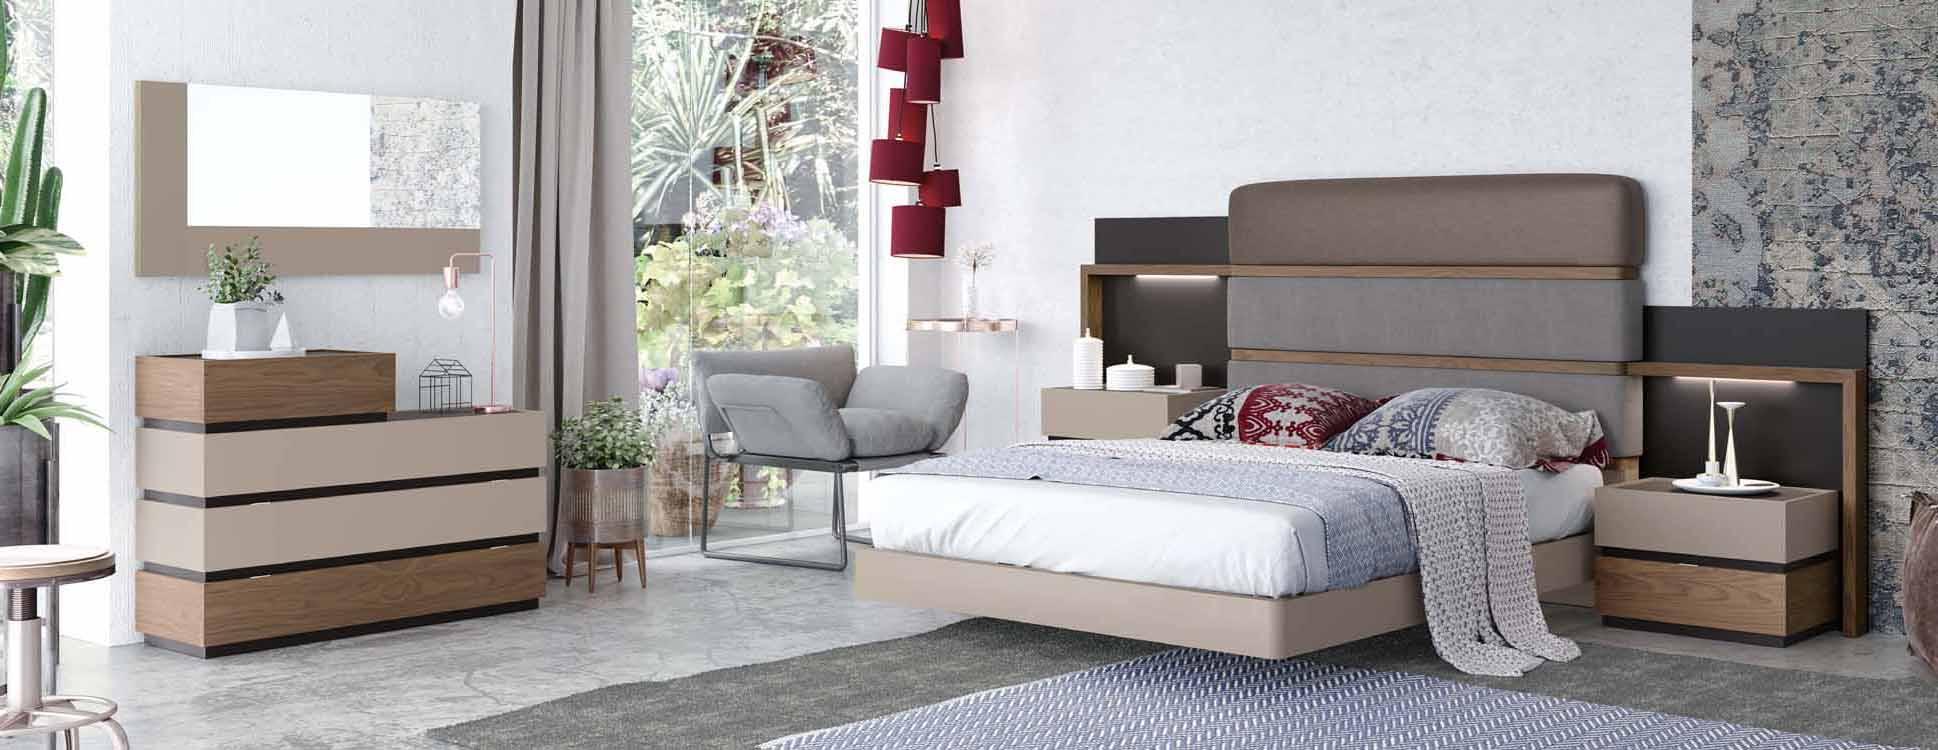 Camas de 120 cm de ancho for Sofa cama 120 ancho